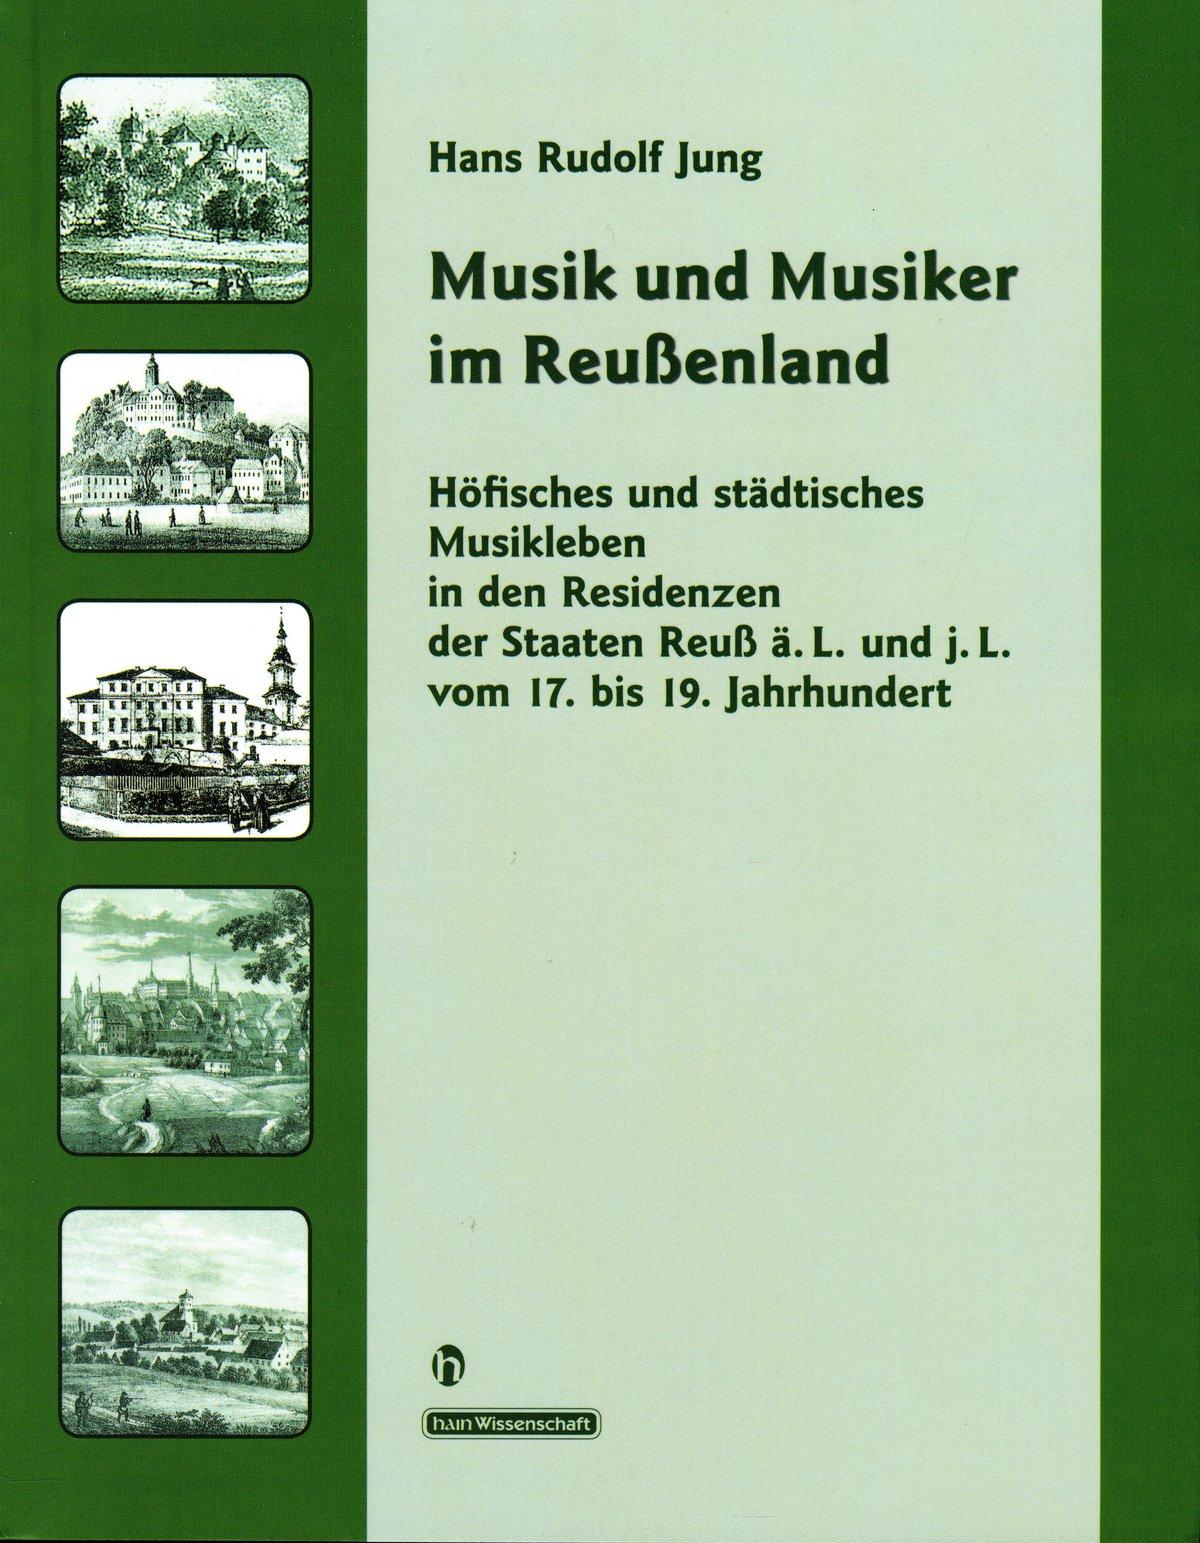 """Das Bild zeigt das Cover des Buches """"Musik und Musiker im Reußenland"""" von Prof. Dr. Hans Rudolf Jung"""